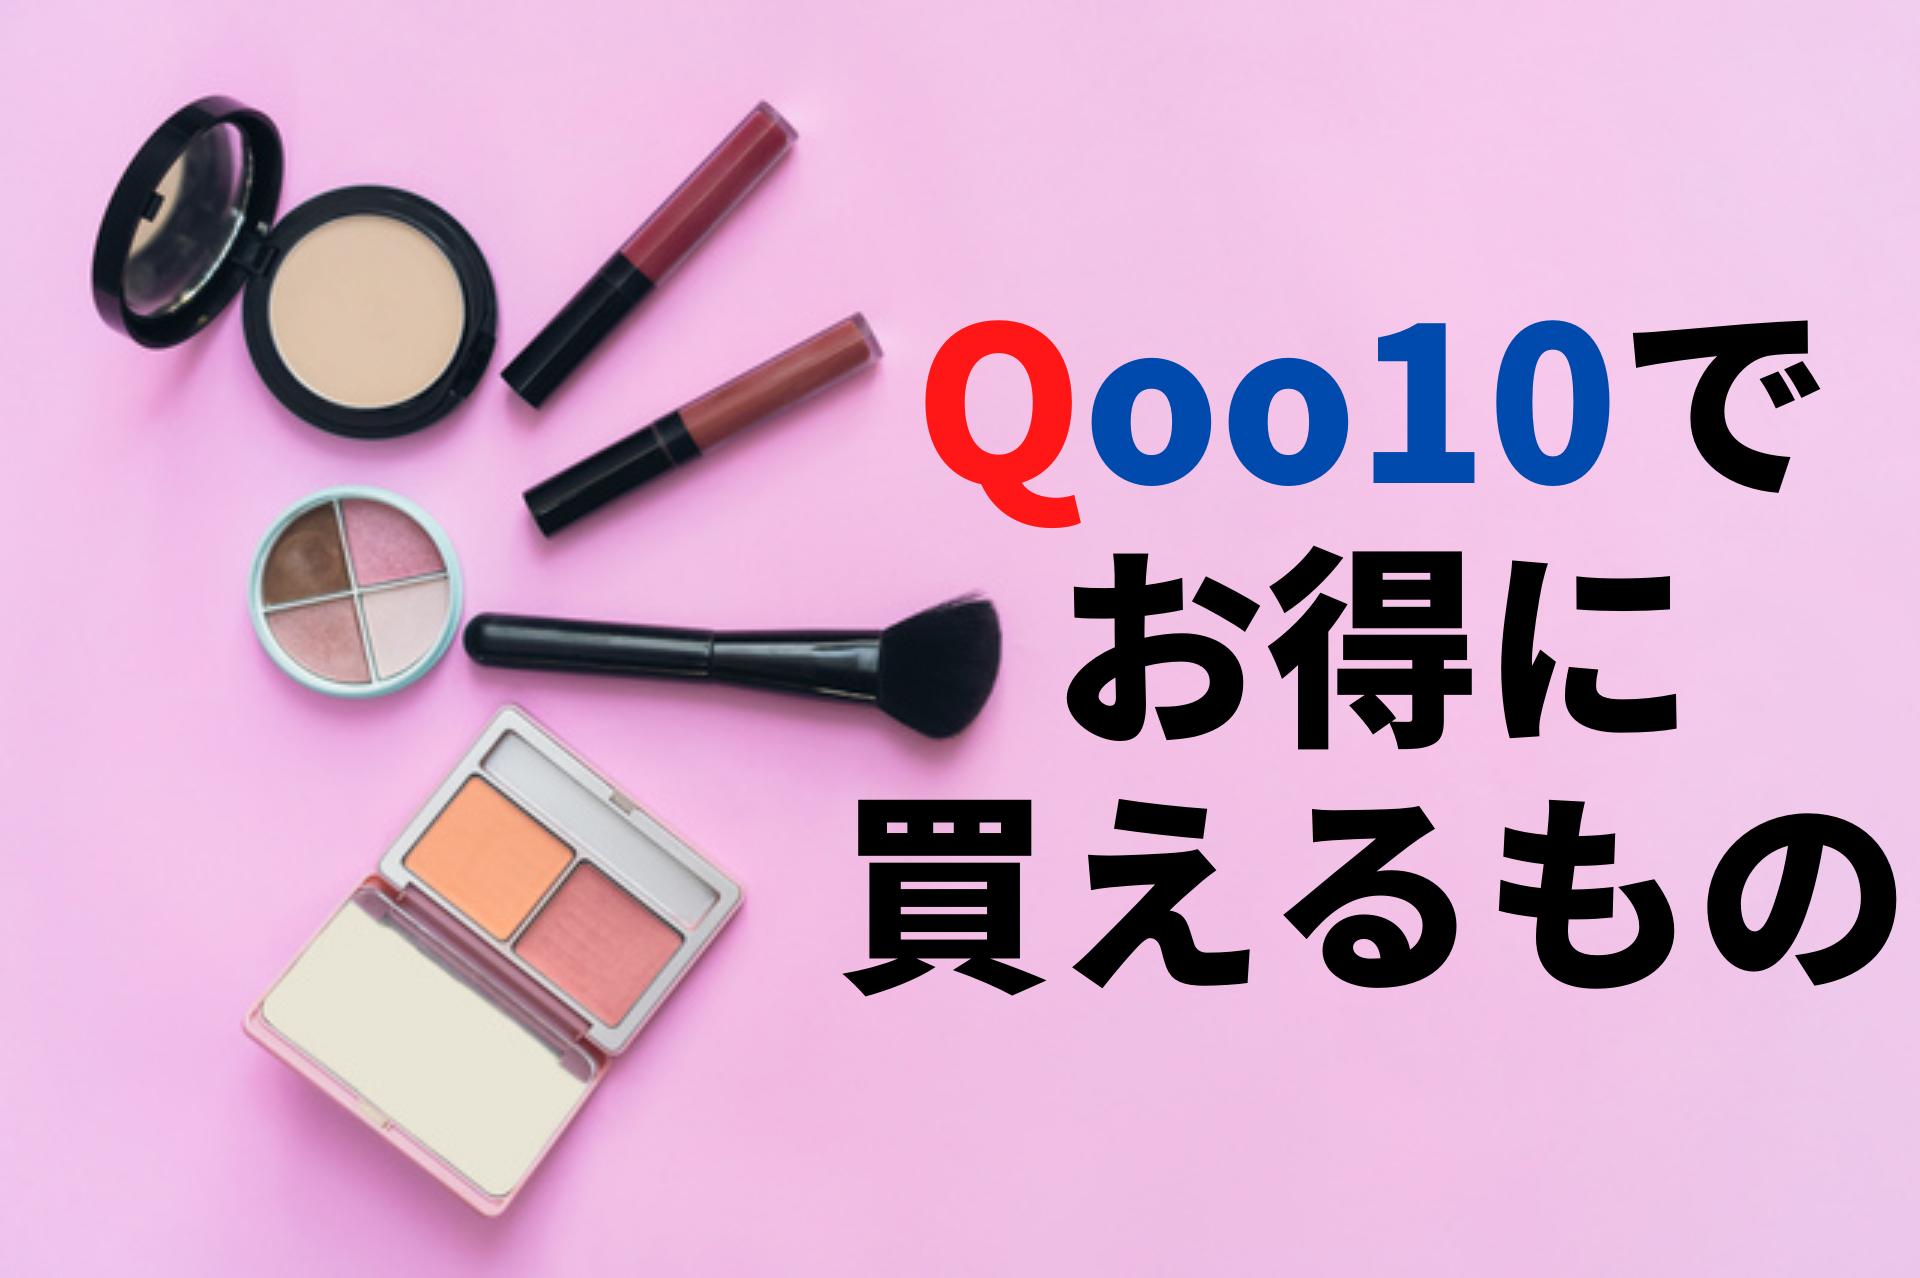 Qoo10 お得 買える 商品